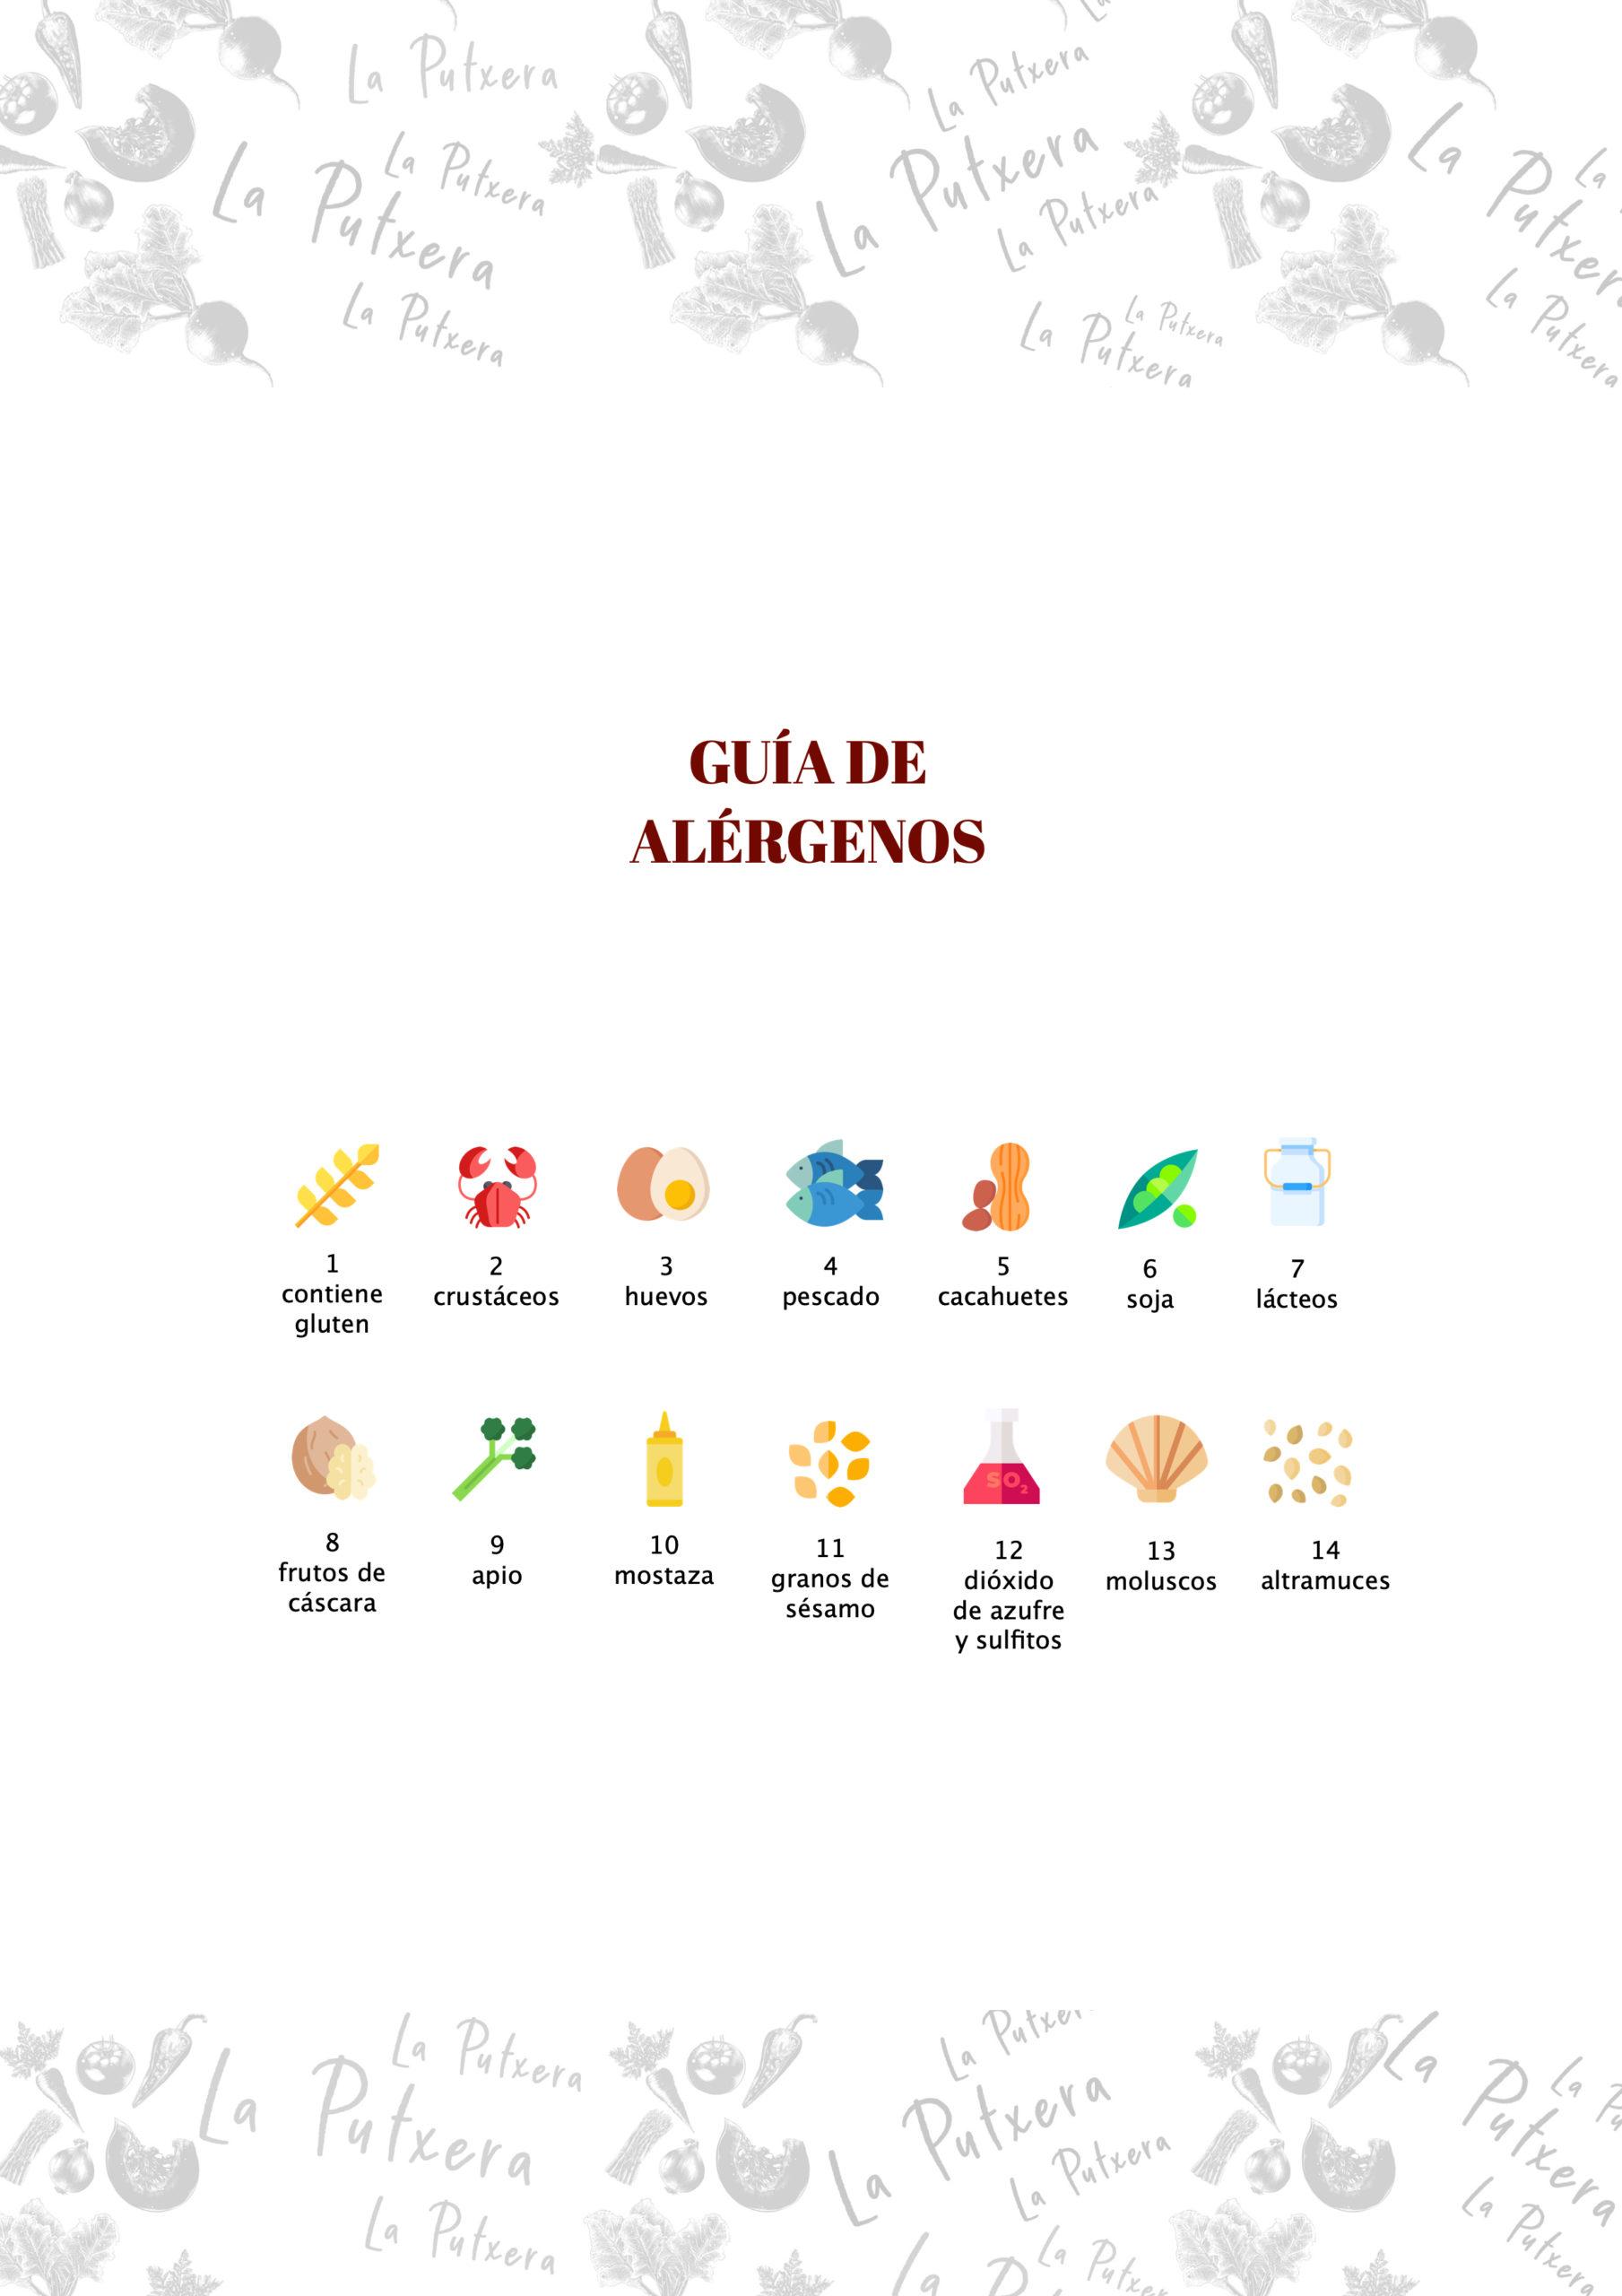 guia de alergenos